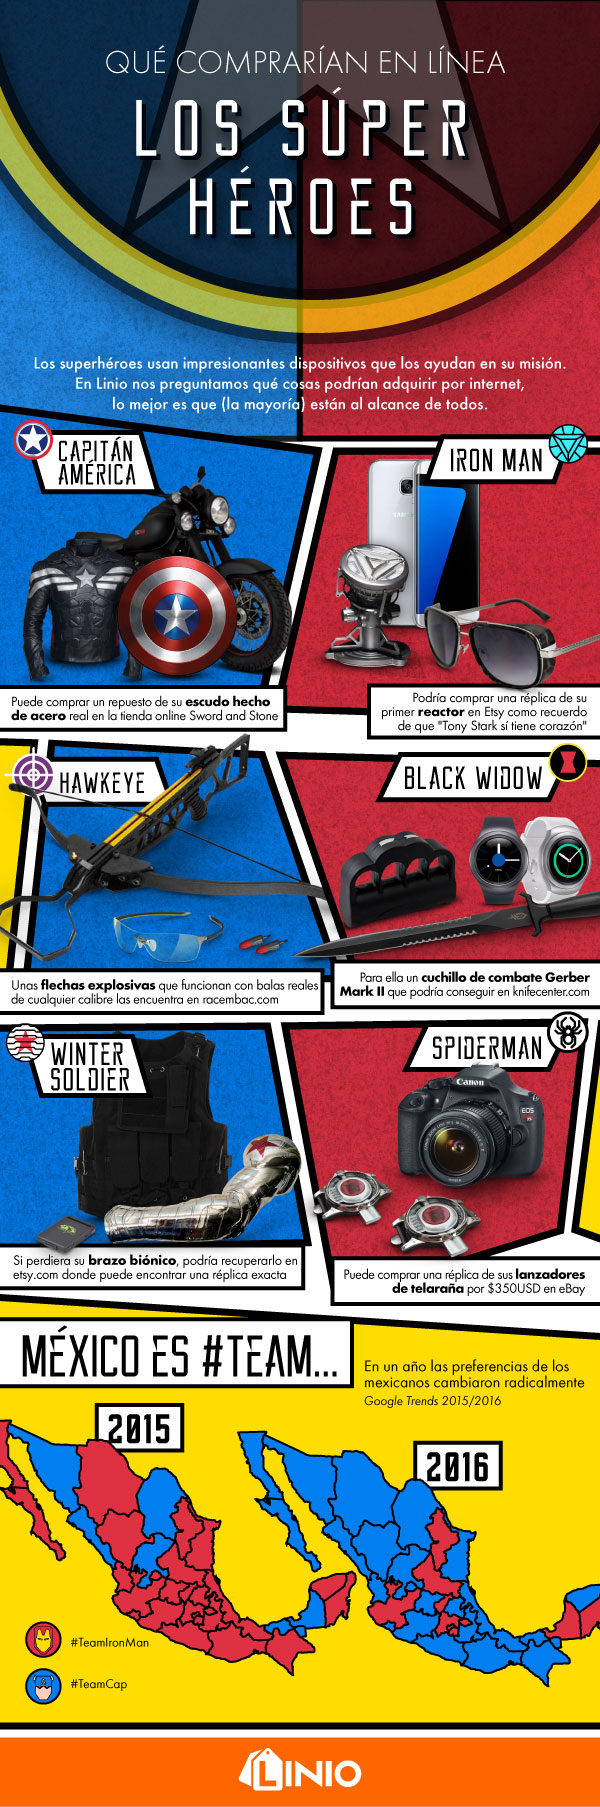 Qué comprarían en línea los súper héroes - info-civil-war